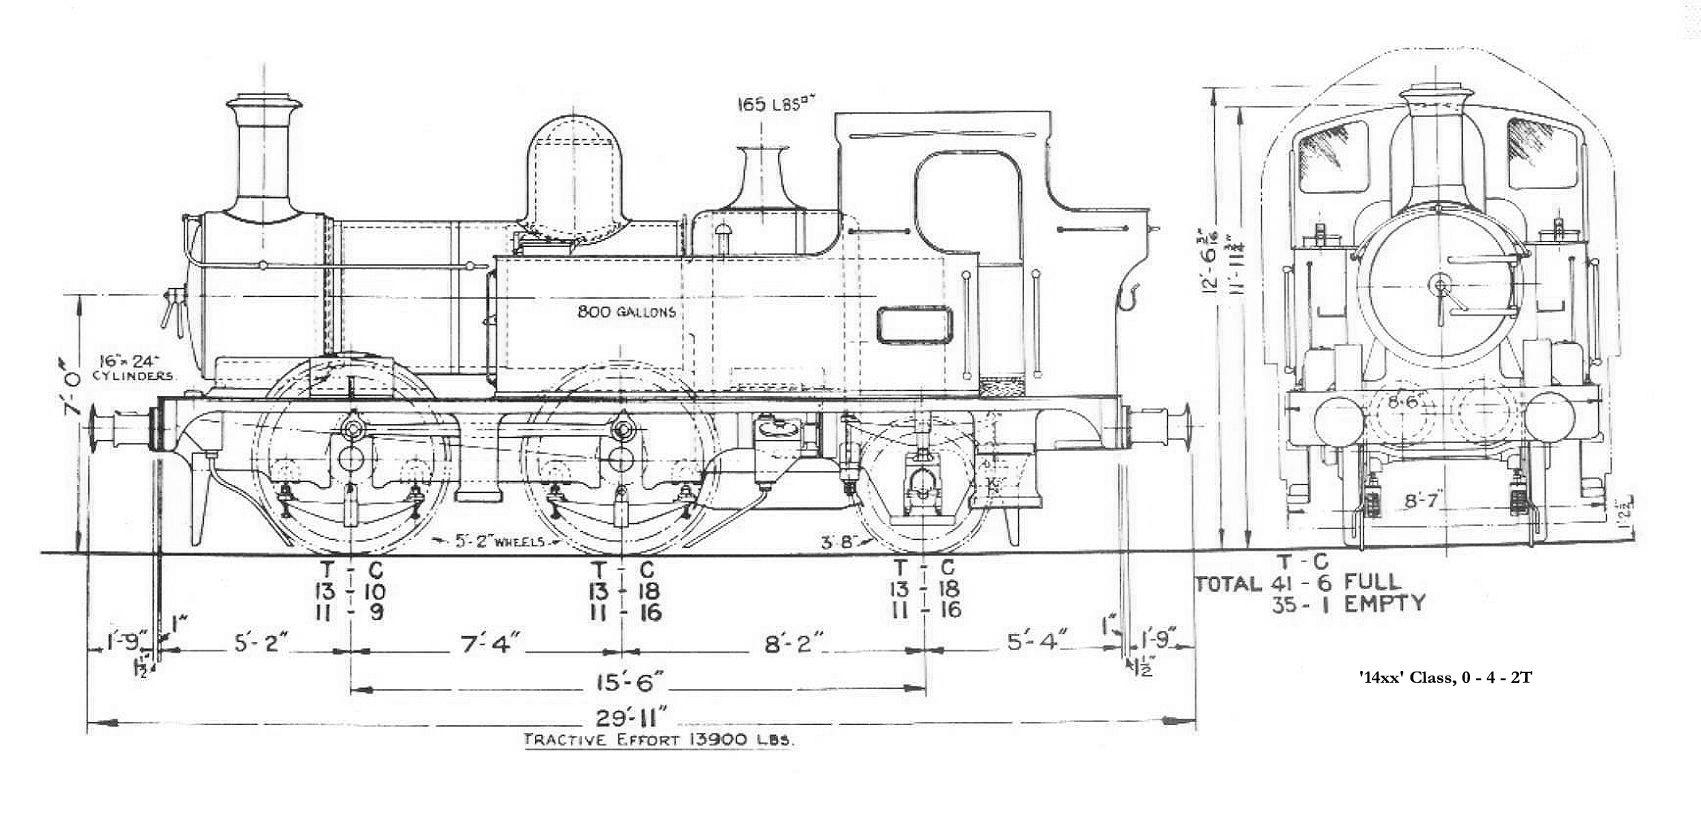 american flyer lo otive wiring diagrams american flyer trains wiring diagram